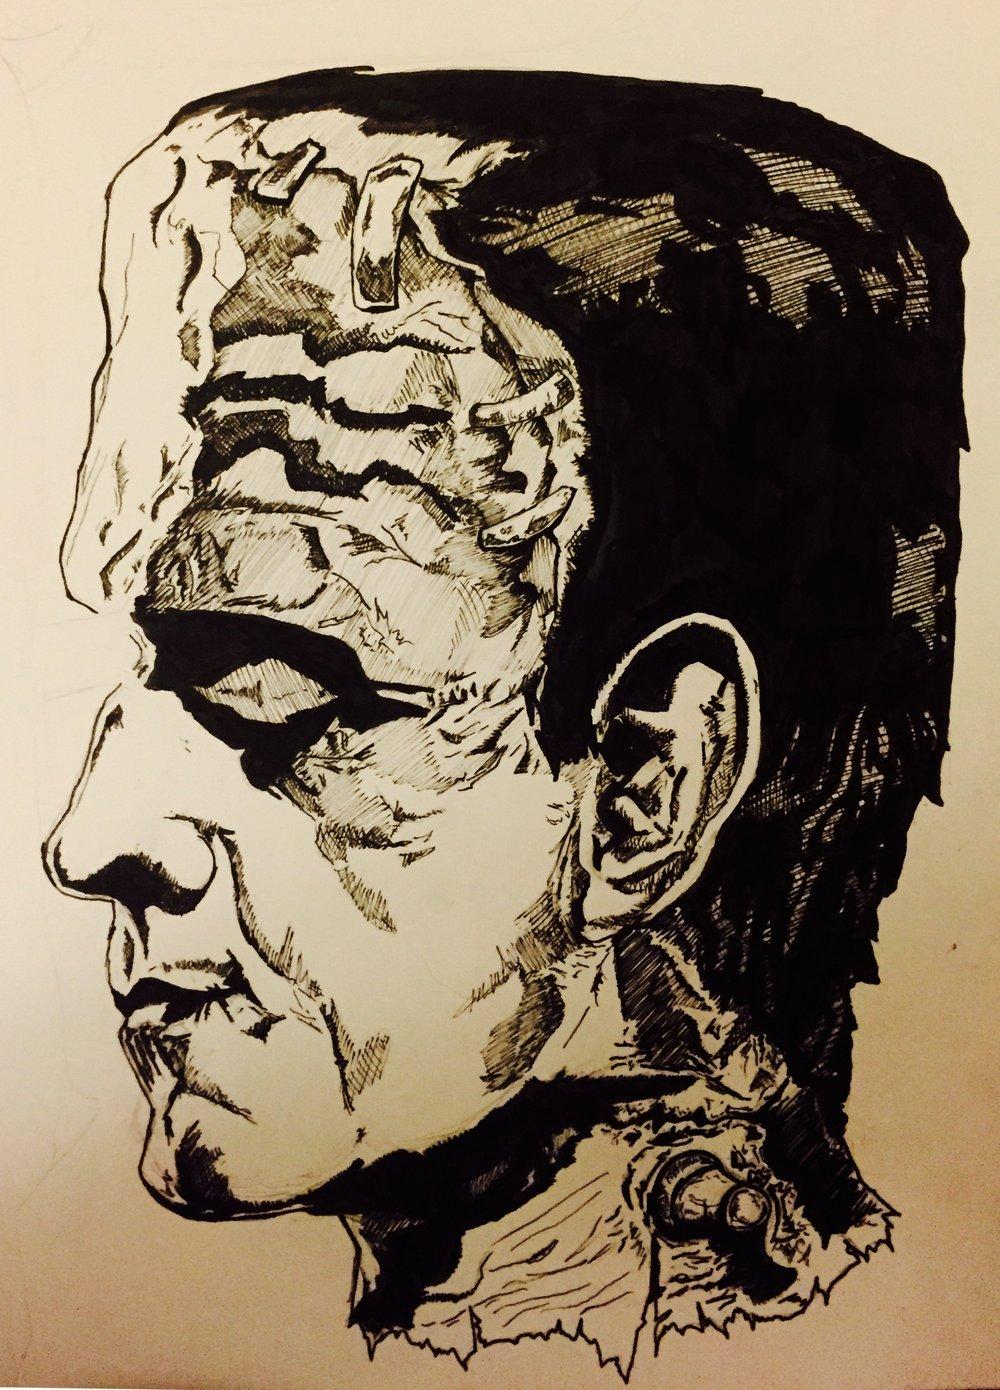 Original pen and ink illustration